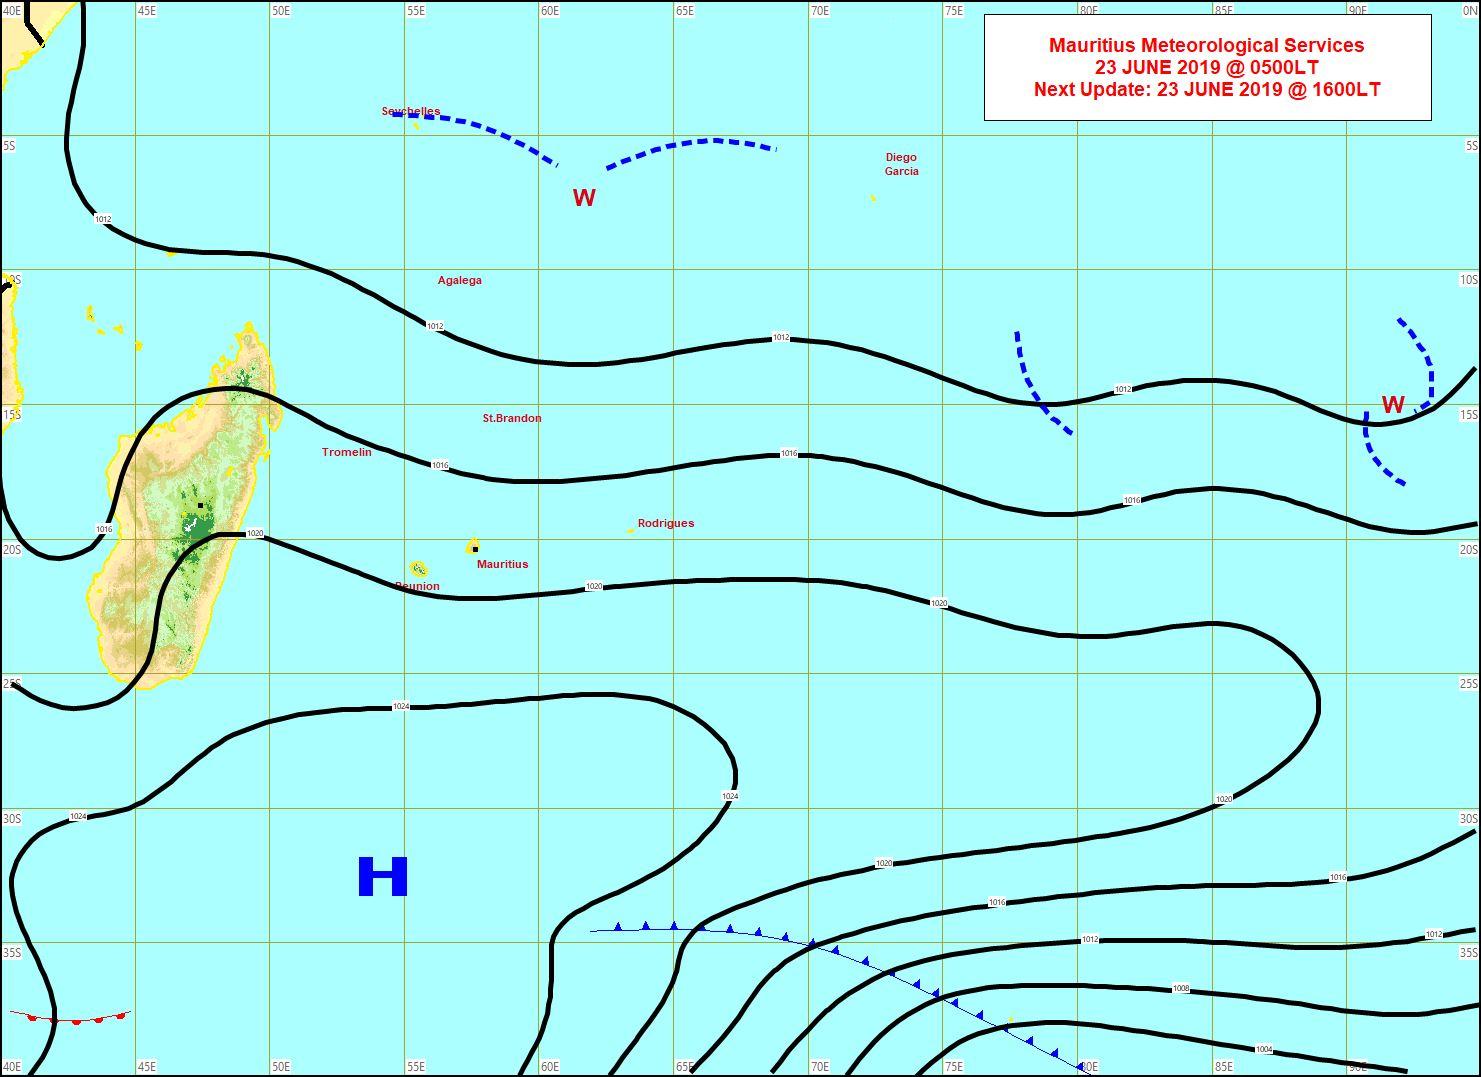 Analyse de la situation de surface ce matin. L'anticyclone(H) faiblit. Les alizés perdent de leur superbe. A noter que la plus forte rafale(107km/h) pour cet épisode a été enregistrée à la Montagne des Signaux(un peu plus de 200m au dessus de Port Louis). MMS